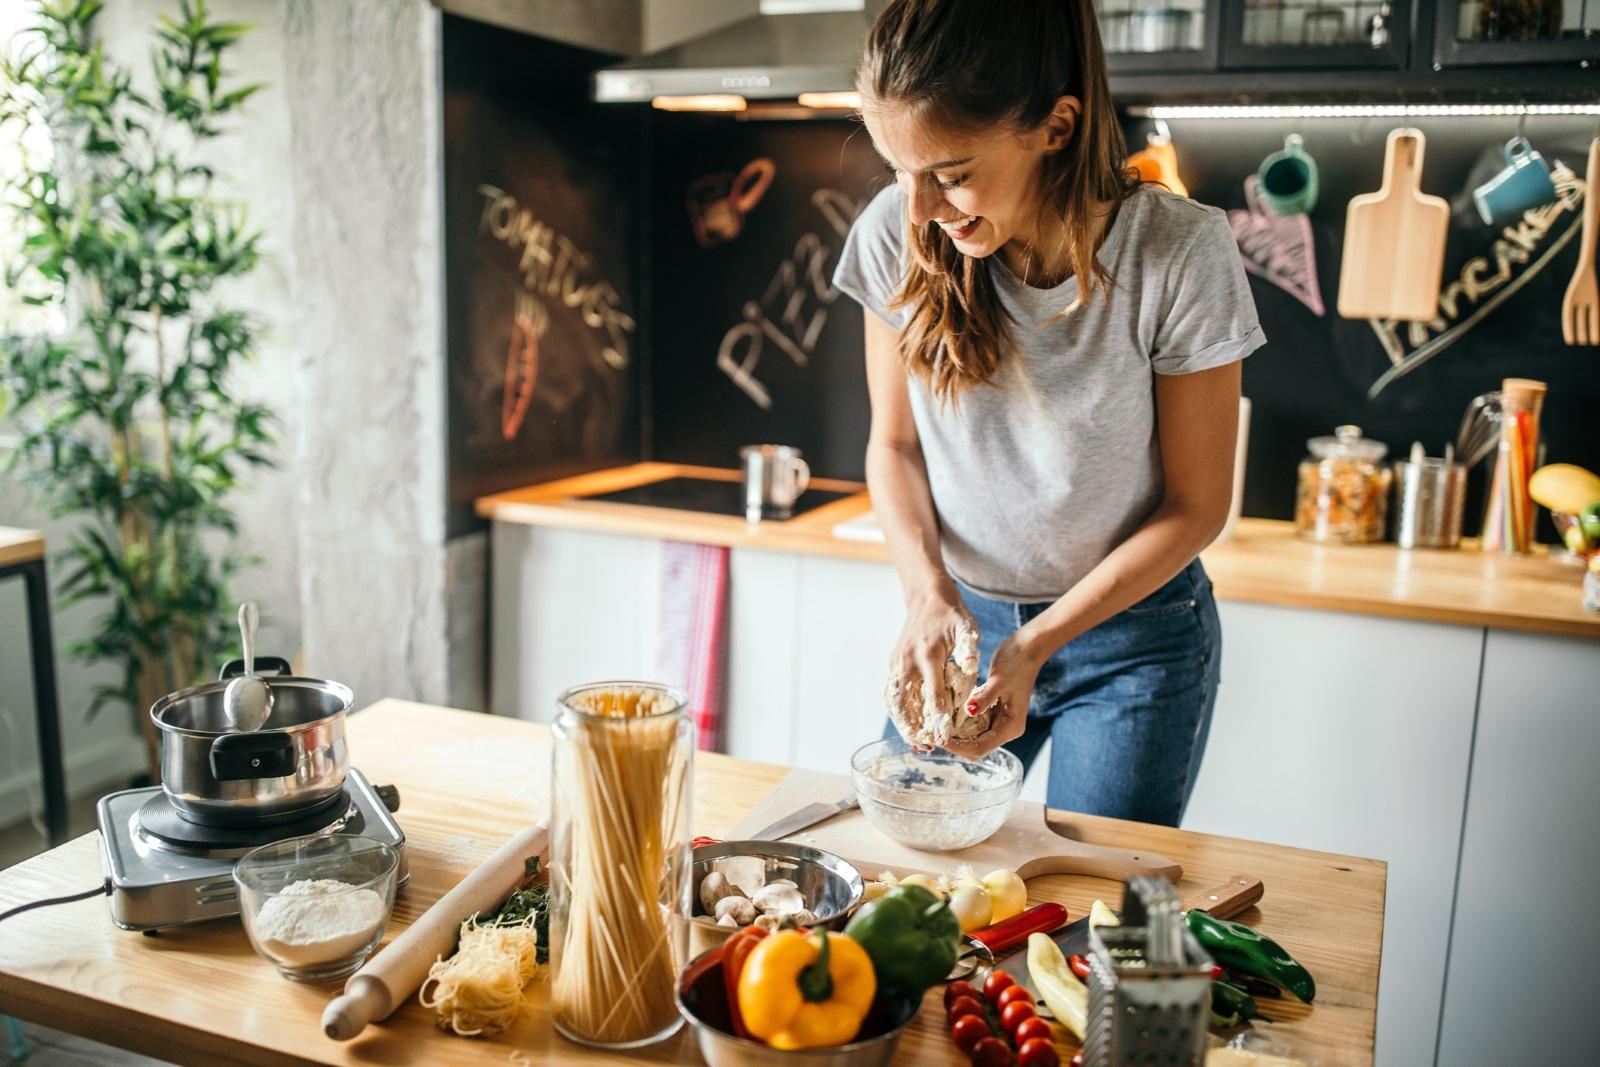 <p>Пробвай нова рецепта. Ако обичаш да готвиш и знаеш, че партньорът ти би оценил една спокойна празнична вечер за рождения си ден, тогава приготви нова рецепта за специалния му ден. Сготви нещо различно или се опитай да пресъздадеш интересно ястие от любимия ви ресторант.</p>